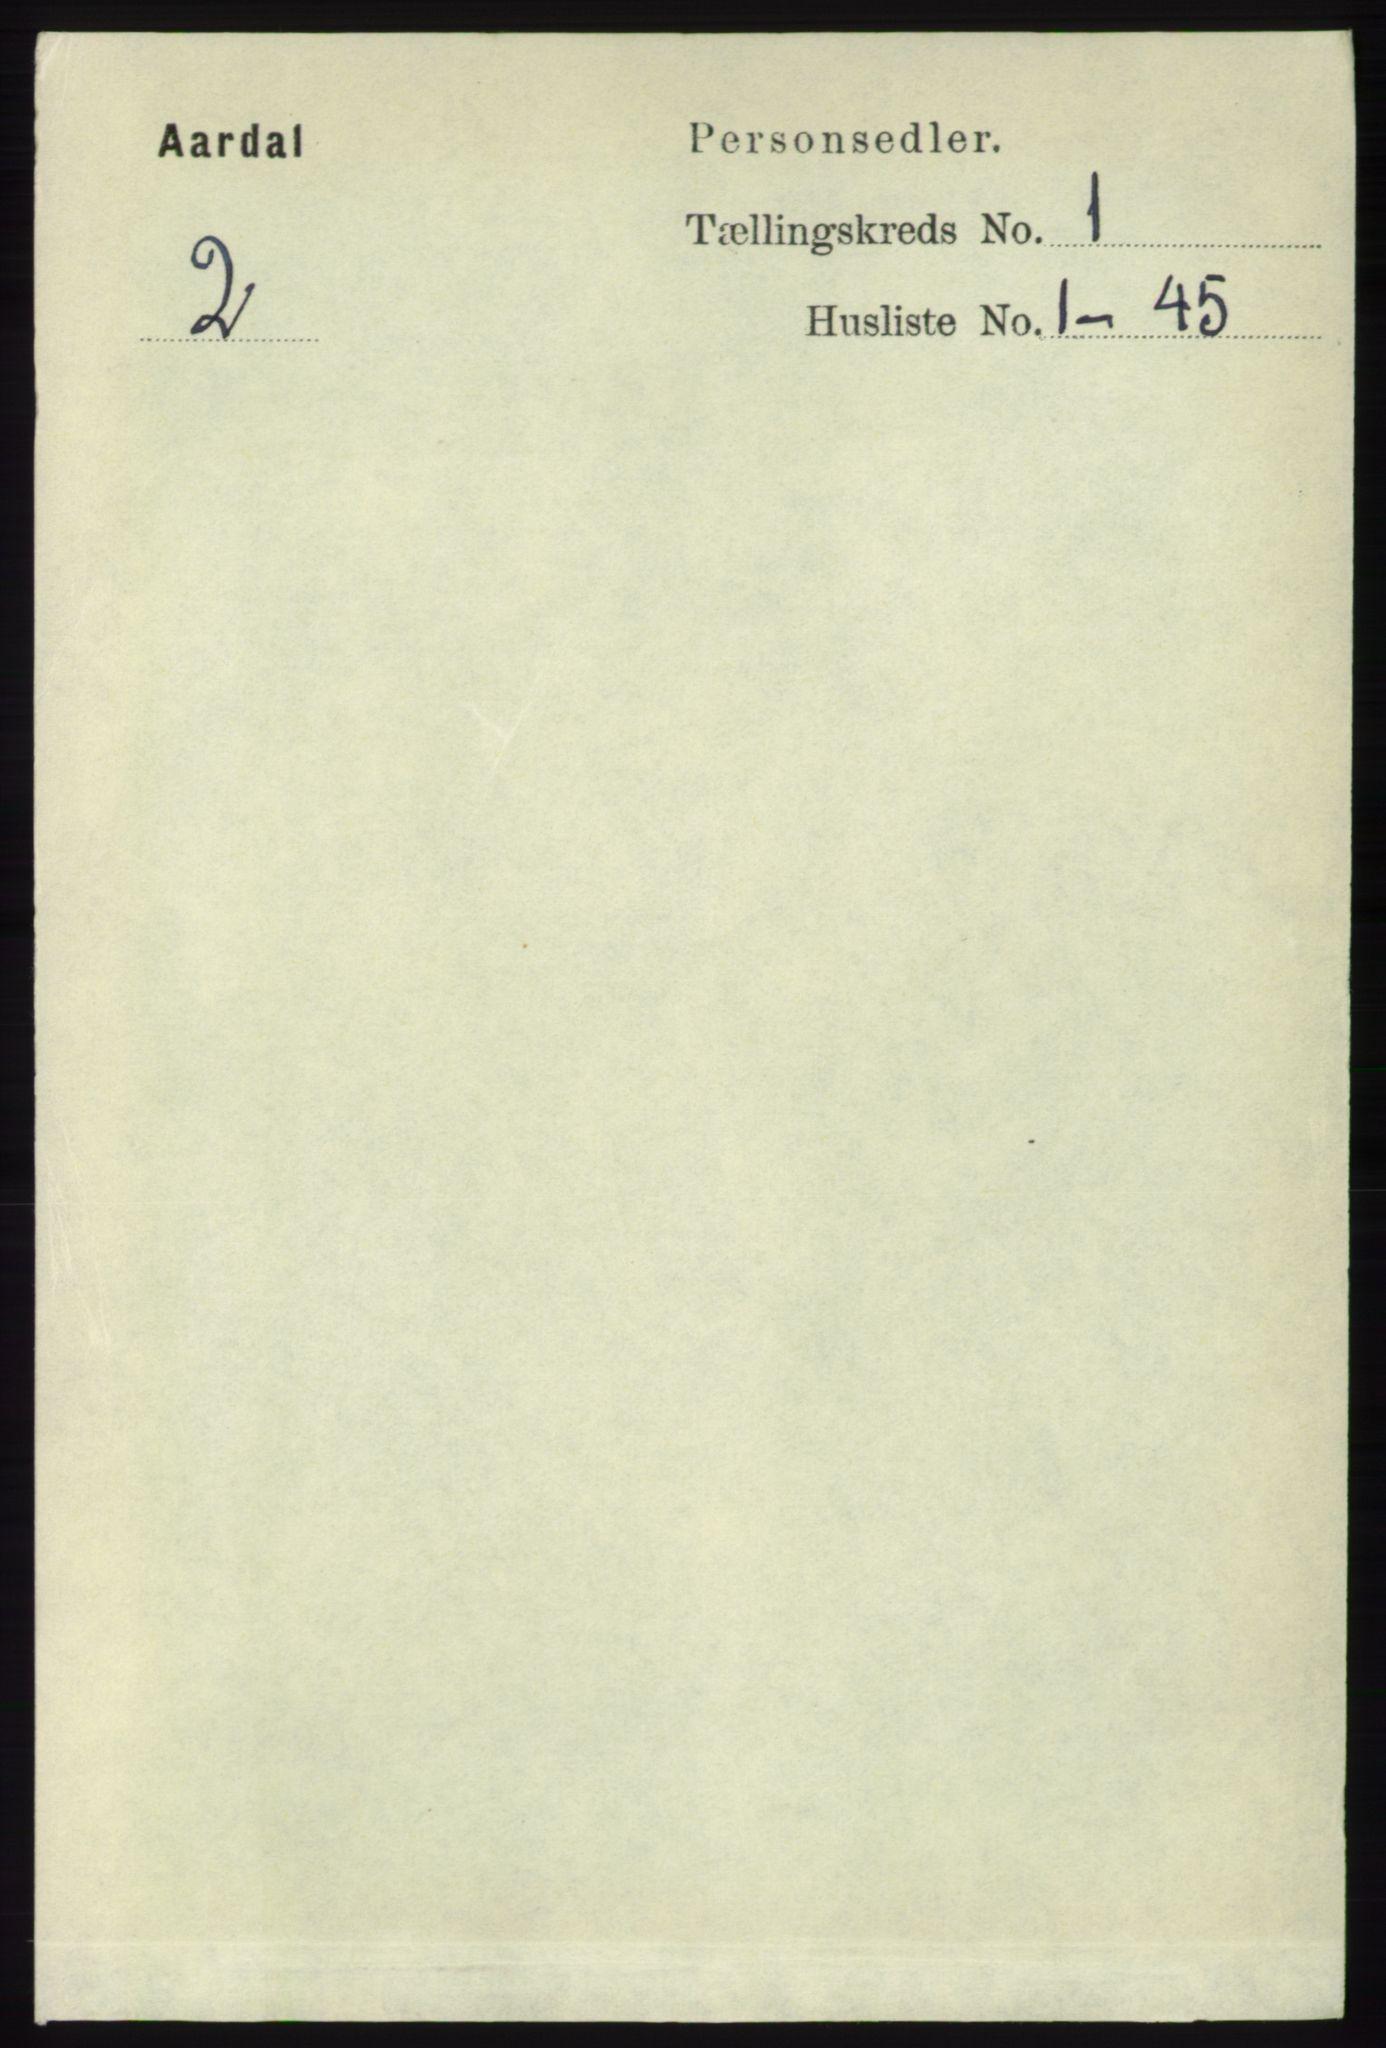 RA, Folketelling 1891 for 1131 Årdal herred, 1891, s. 104